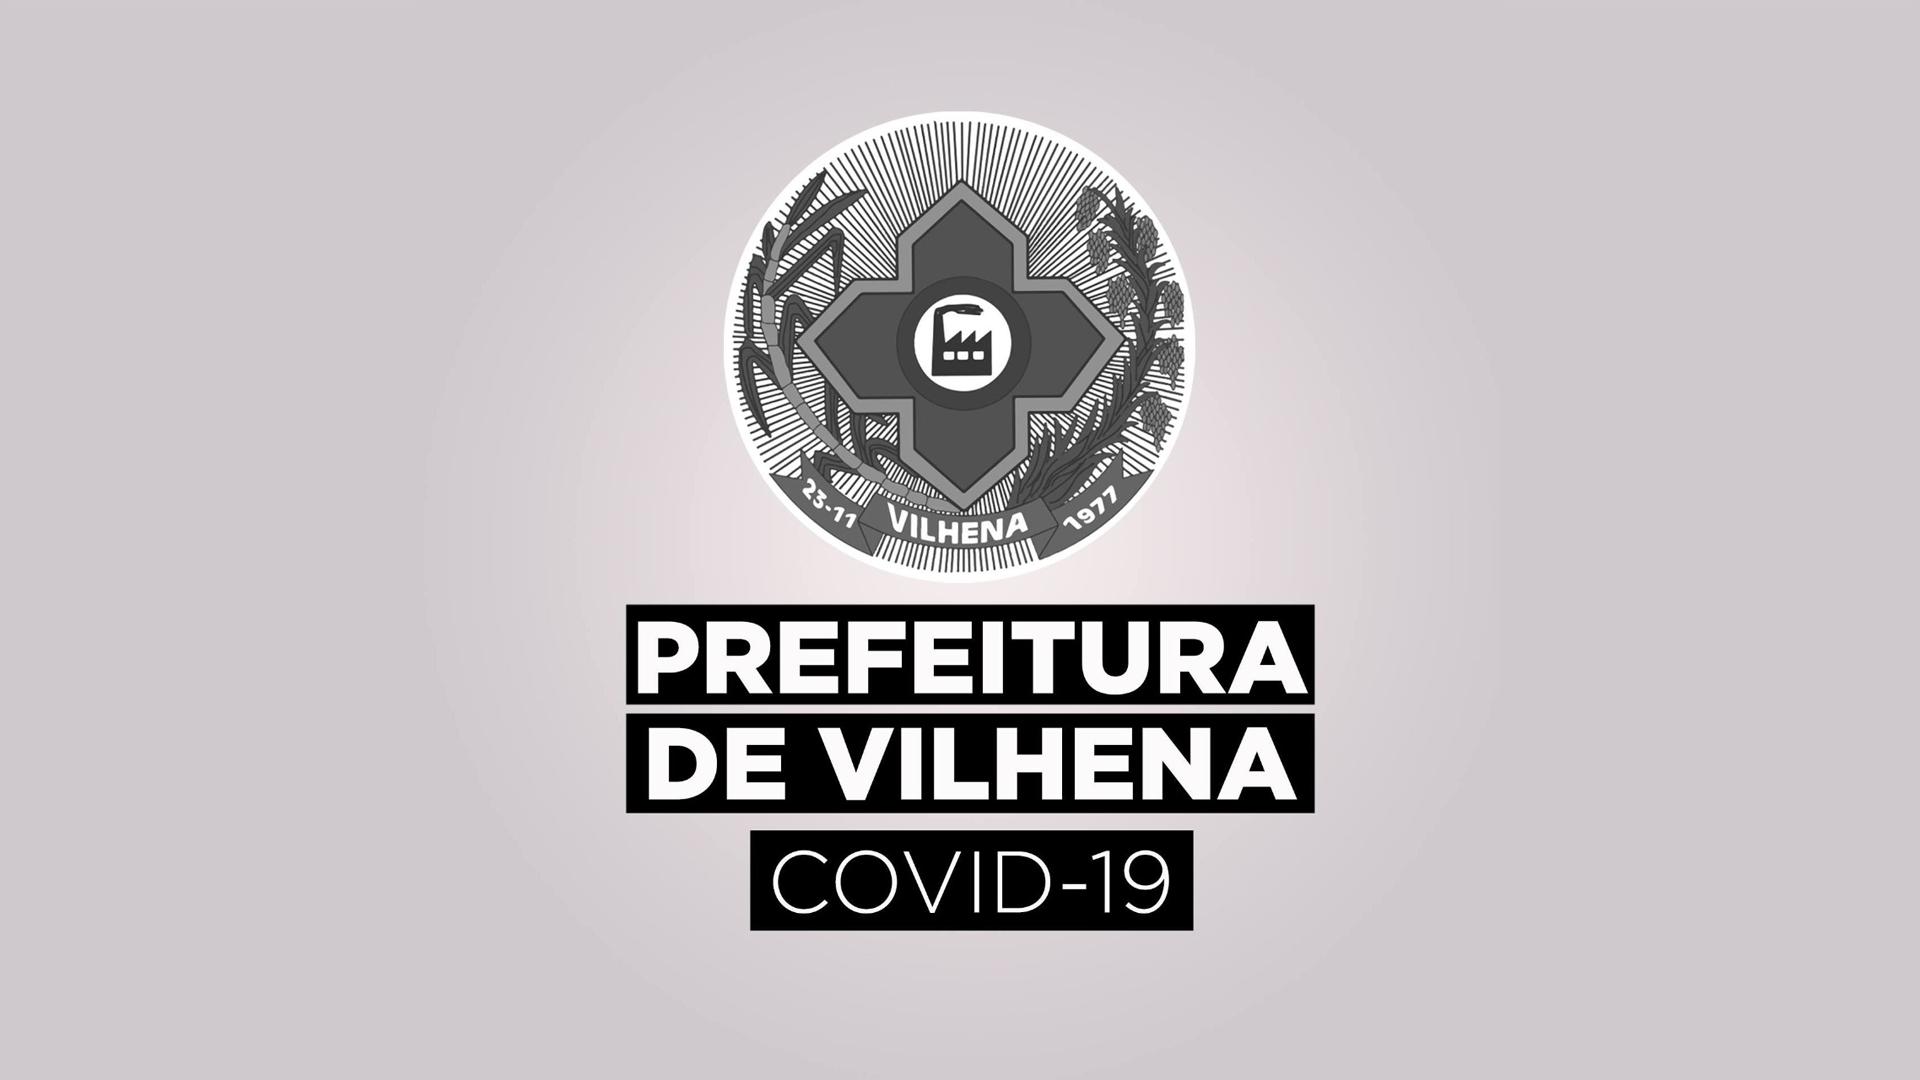 BOLETIM PMV Nº 575 - 11/10/21 CORONAVÍRUS (COVID-19)